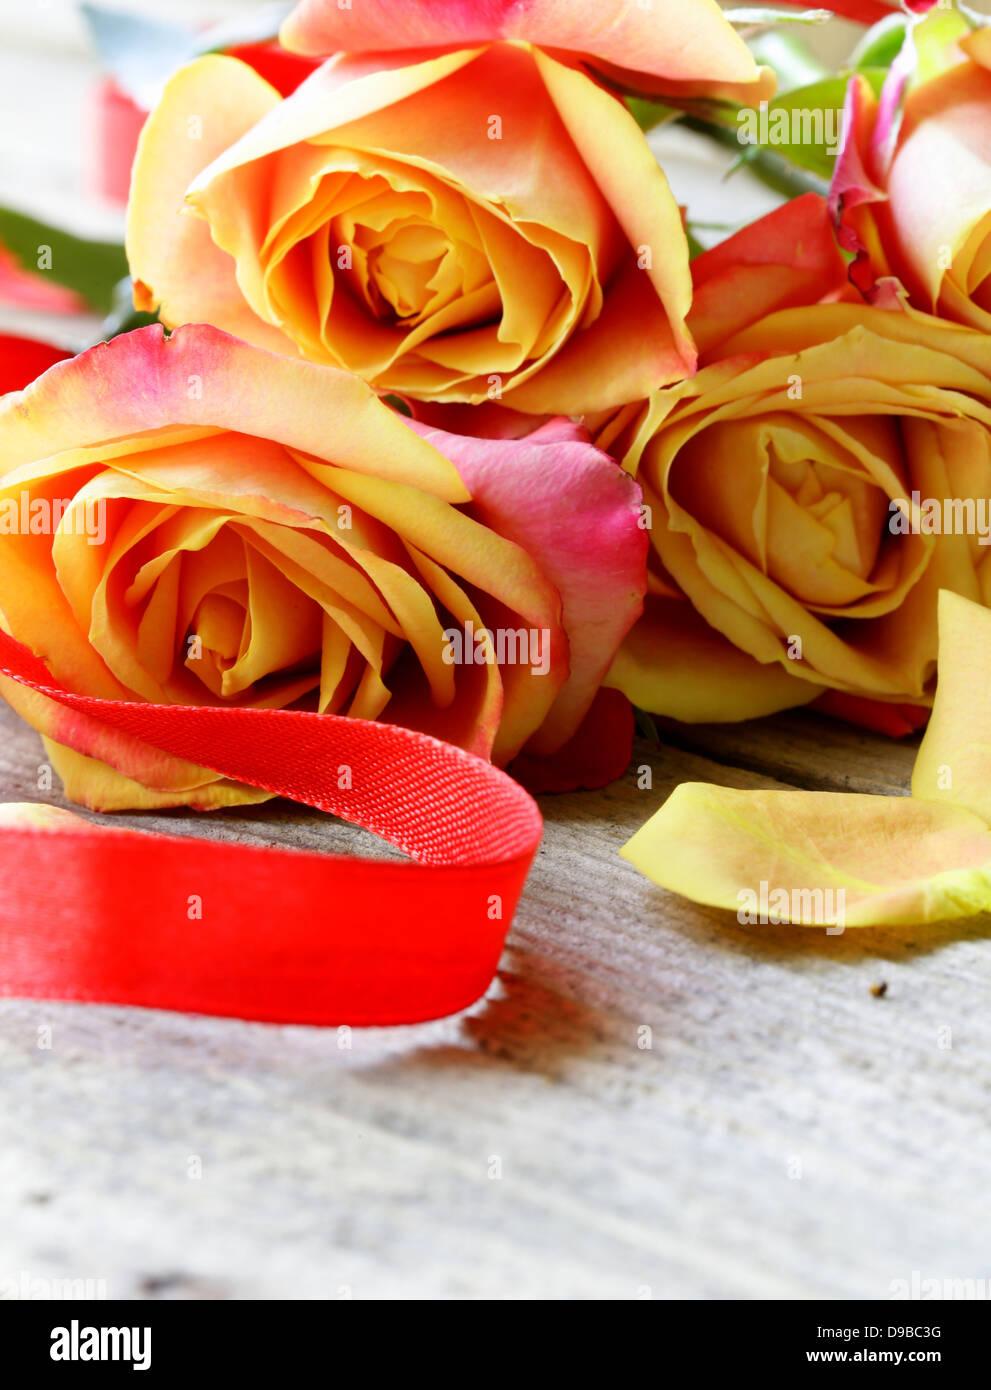 red orange roses photos red orange roses images alamy. Black Bedroom Furniture Sets. Home Design Ideas